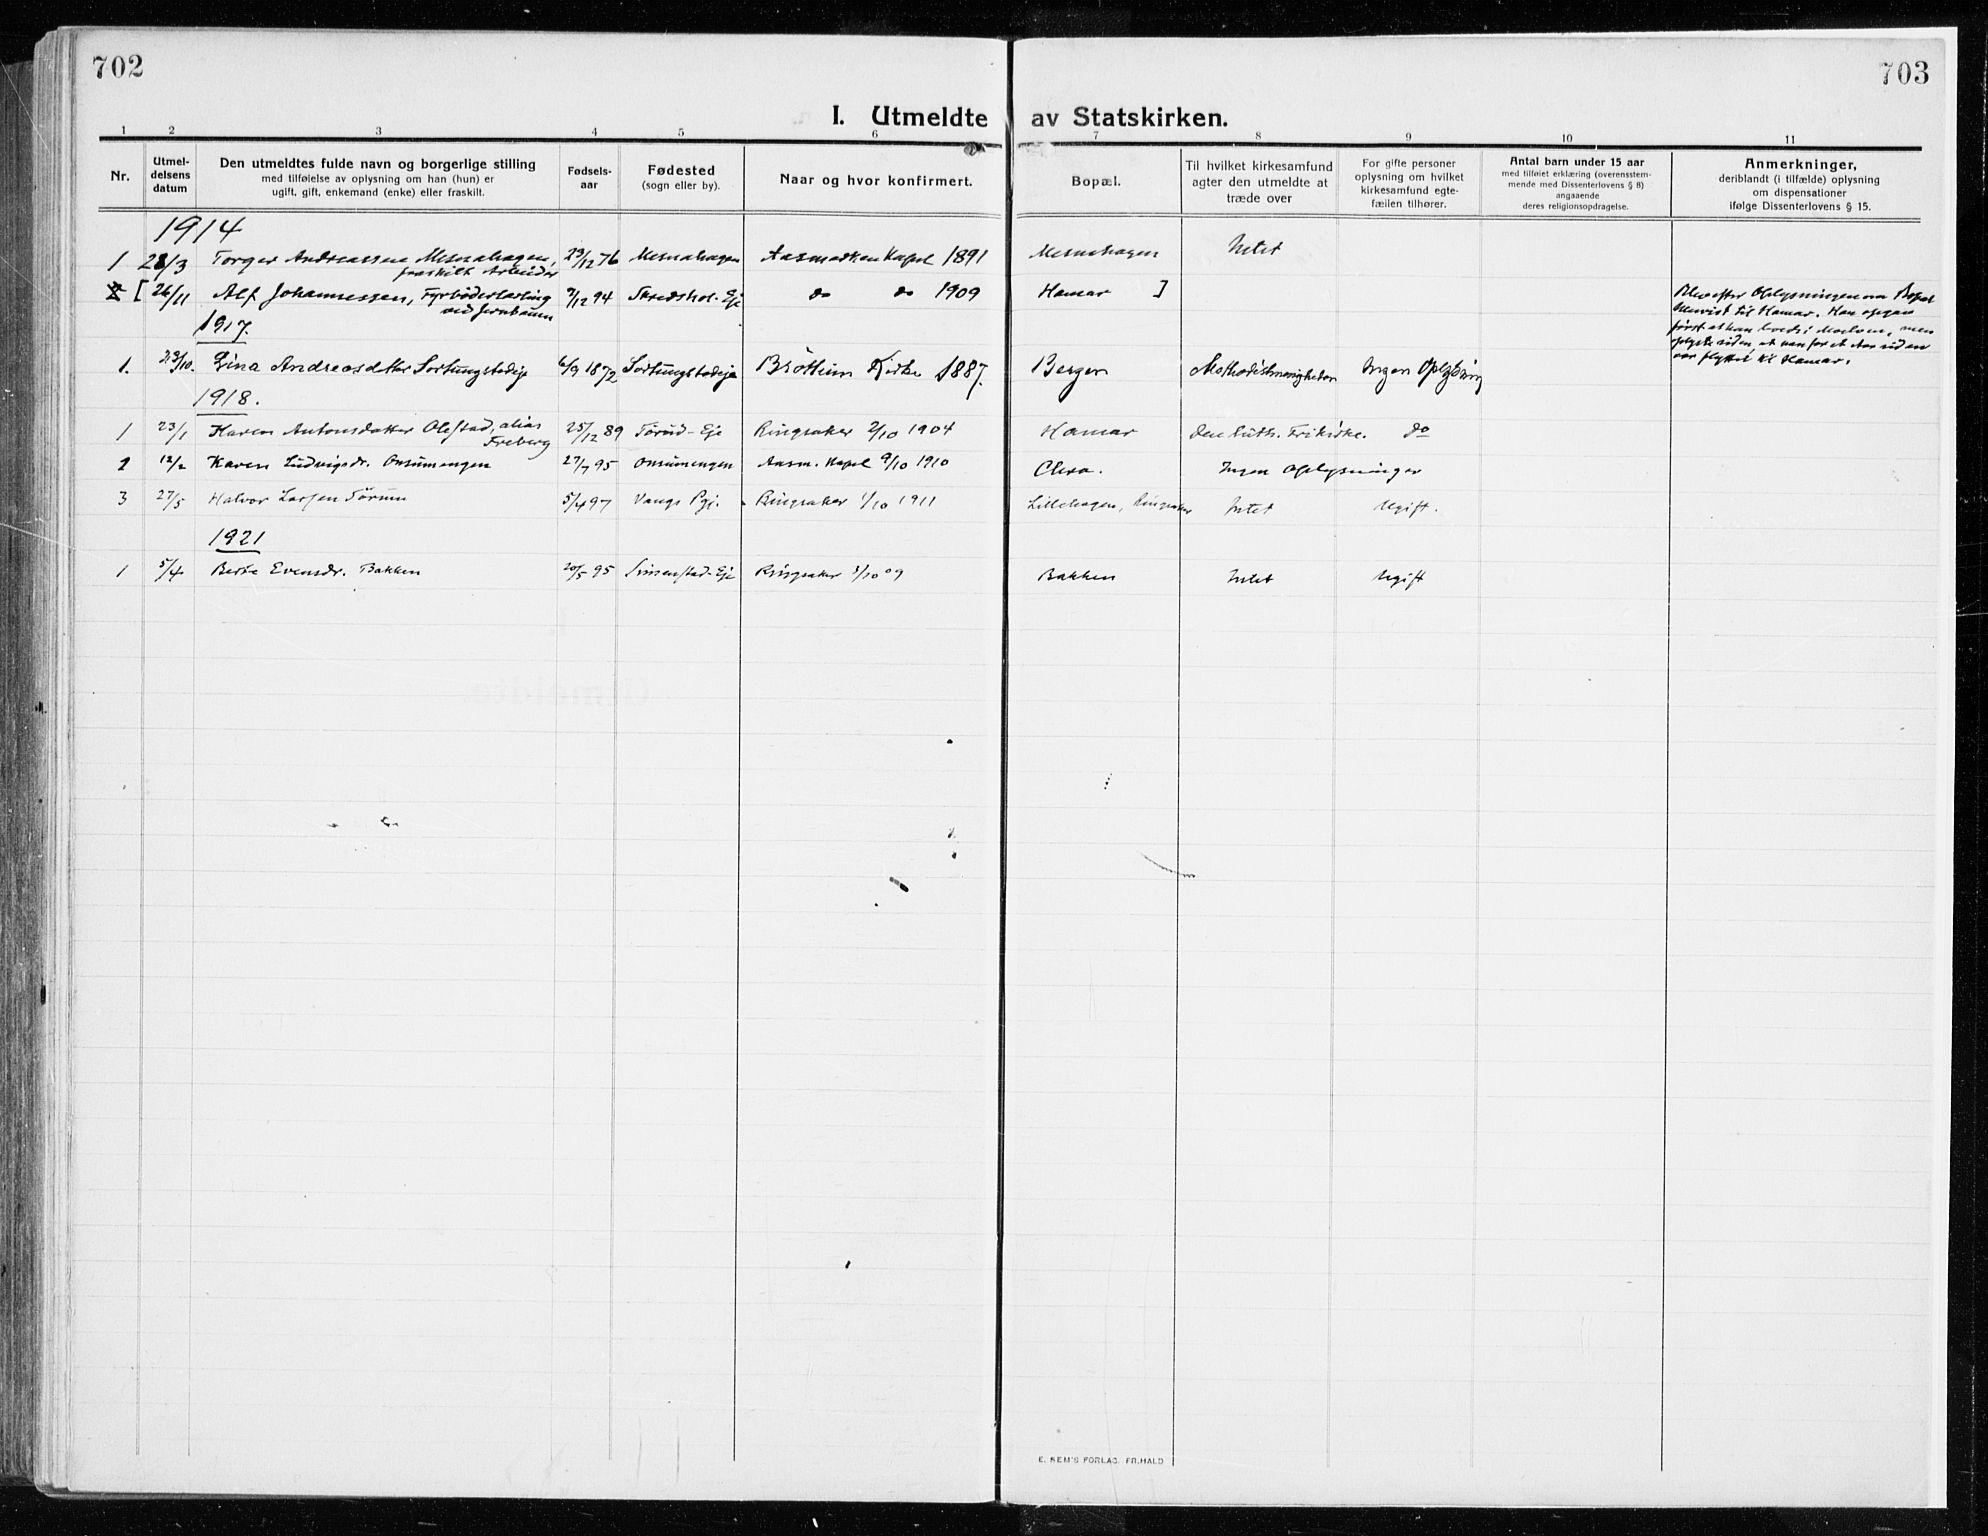 SAH, Ringsaker prestekontor, K/Ka/L0020: Ministerialbok nr. 20, 1913-1922, s. 702-703